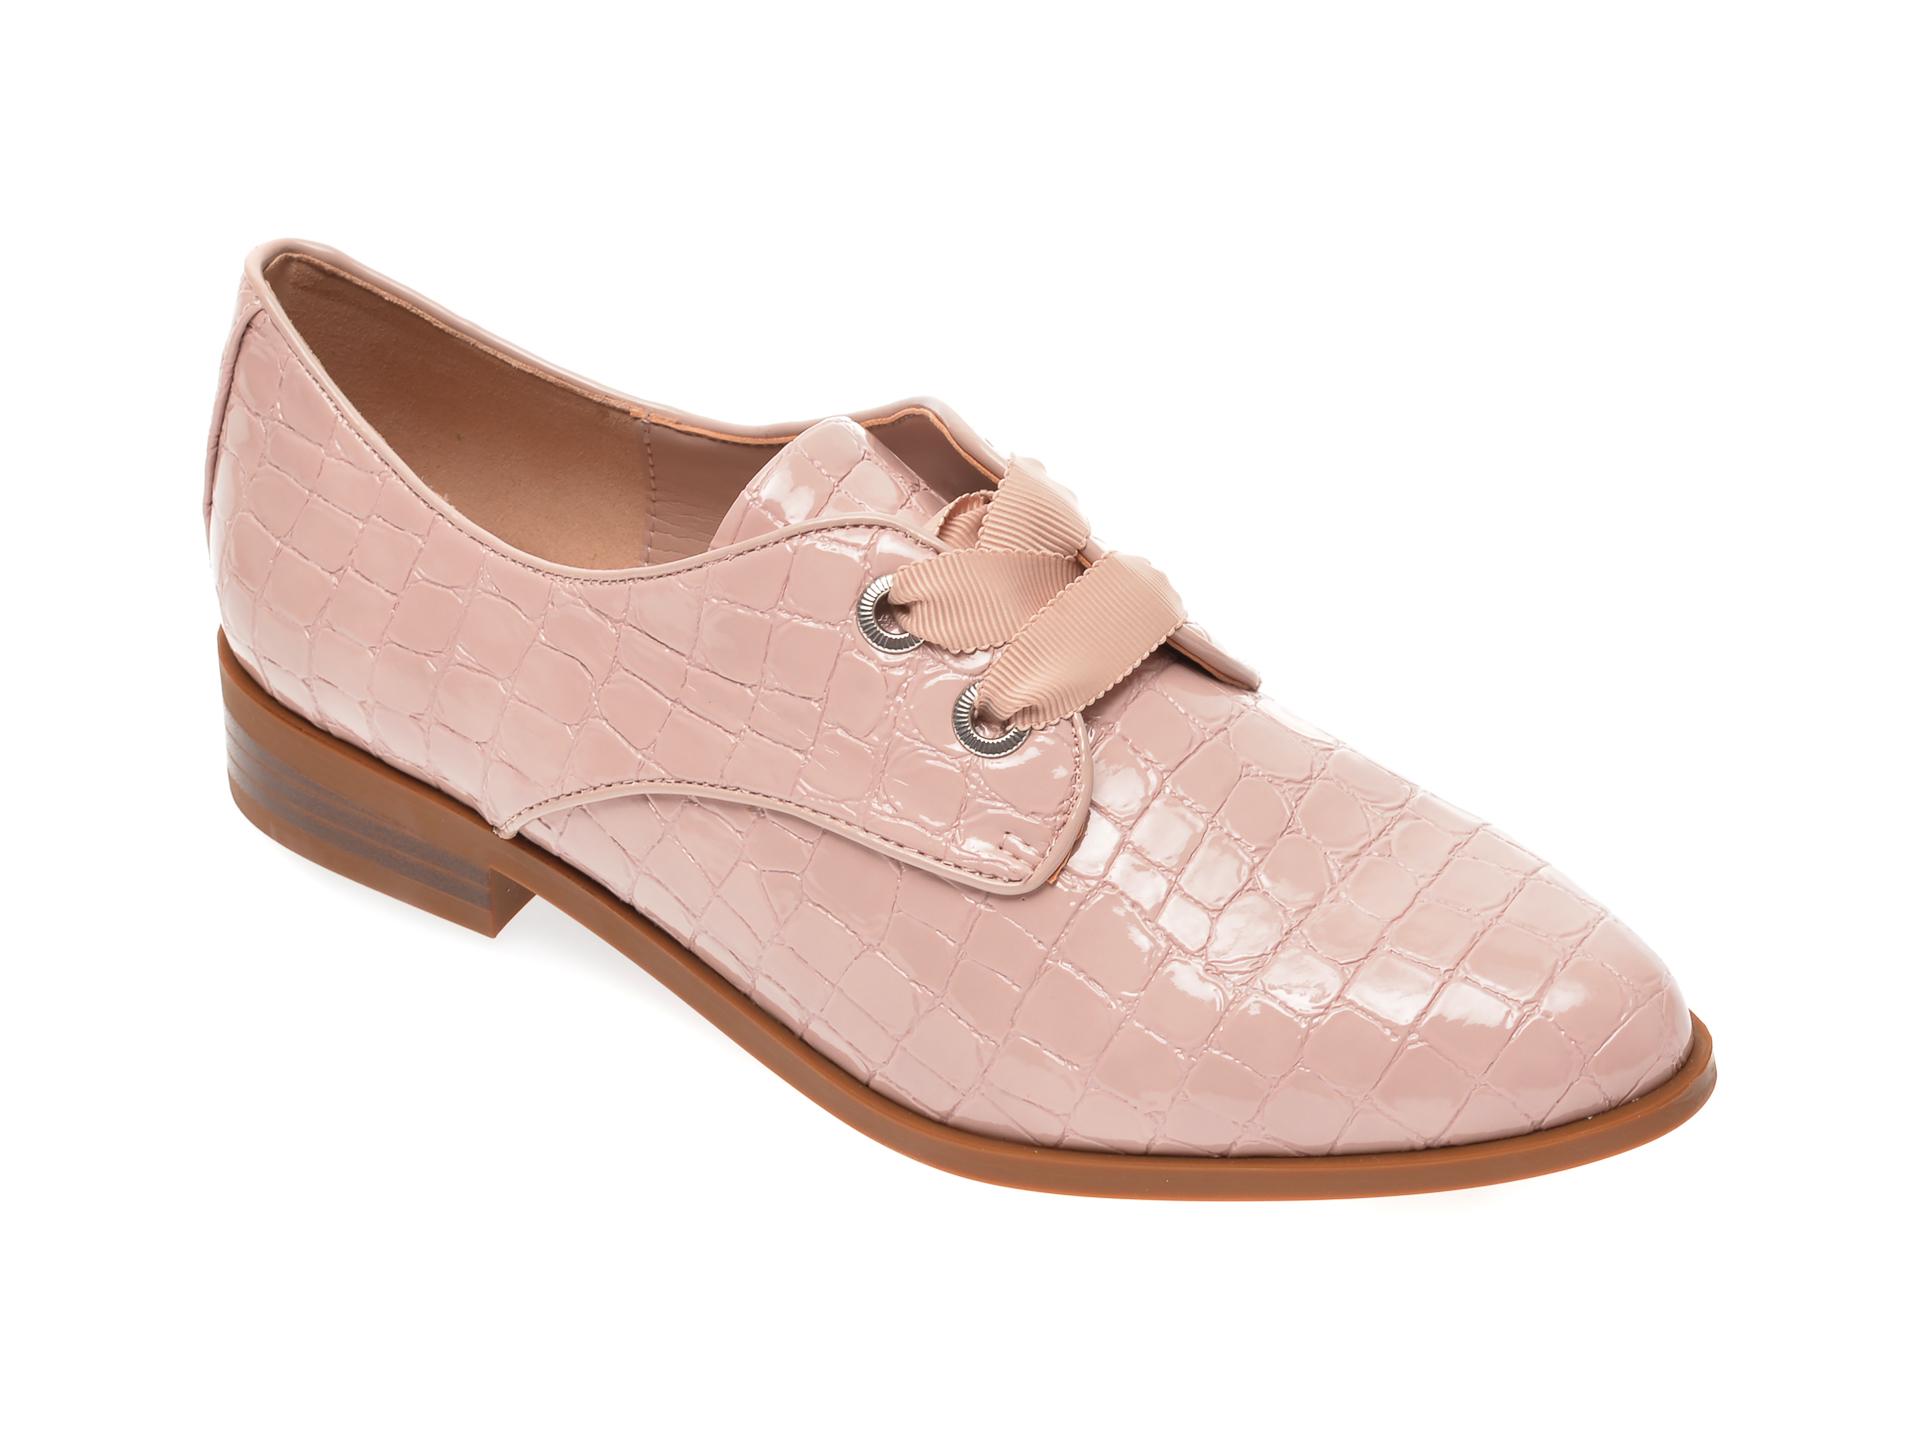 Pantofi ALDO roz, Gemelli650, din piele ecologica